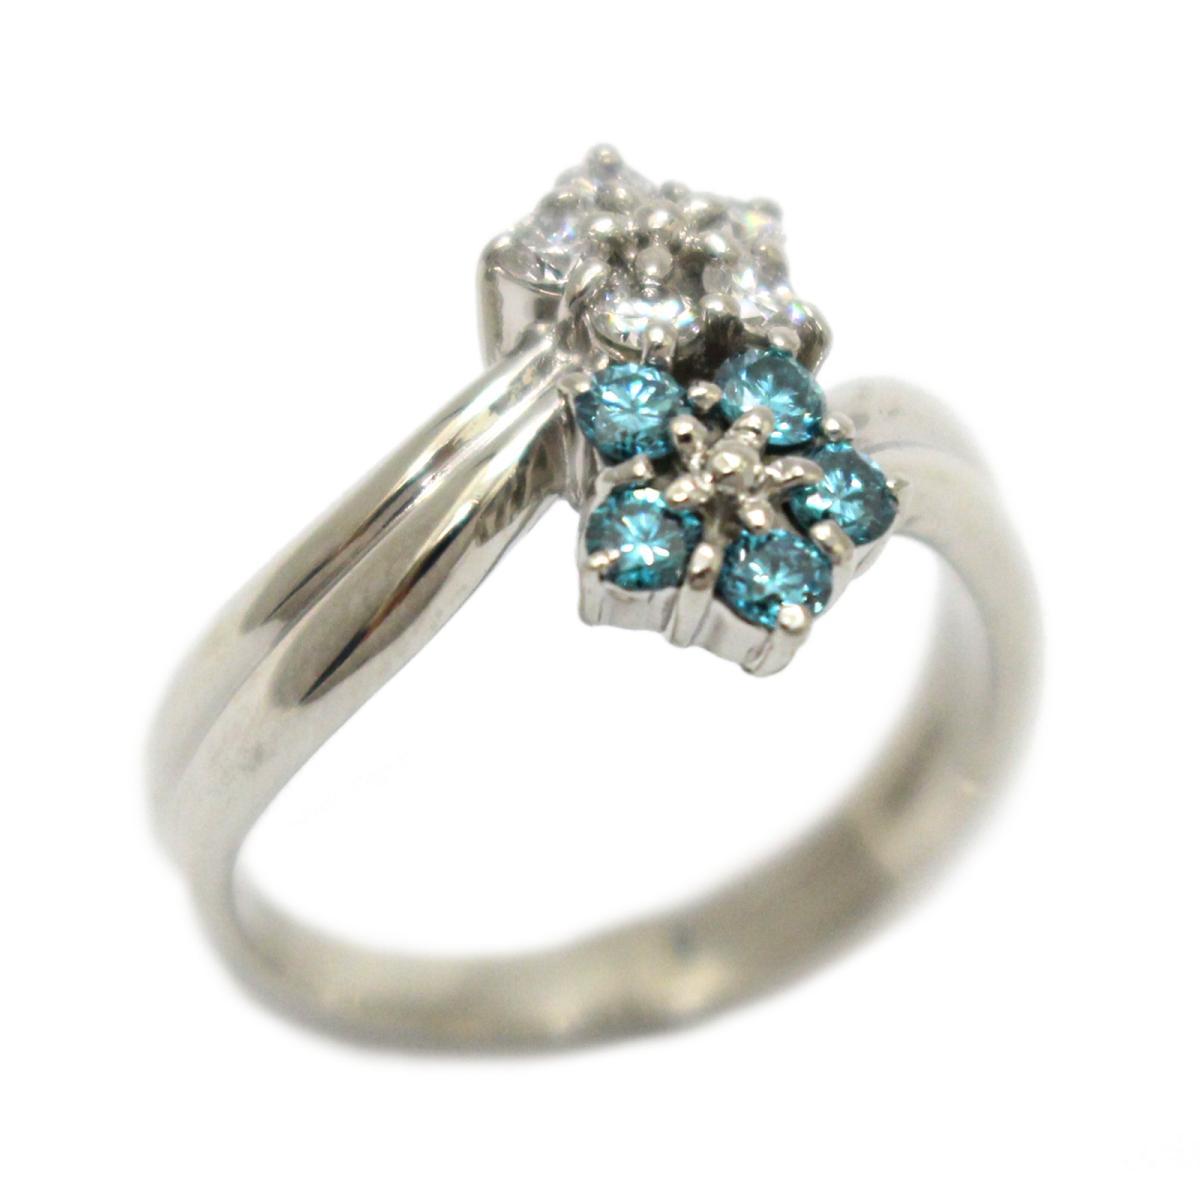 【中古】 ジュエリー ダイヤモンド リング 指輪 レディース PT900 プラチナ x (0.50ct) ブルー | JEWELRY BRANDOFF ブランドオフ ブランド アクセサリー